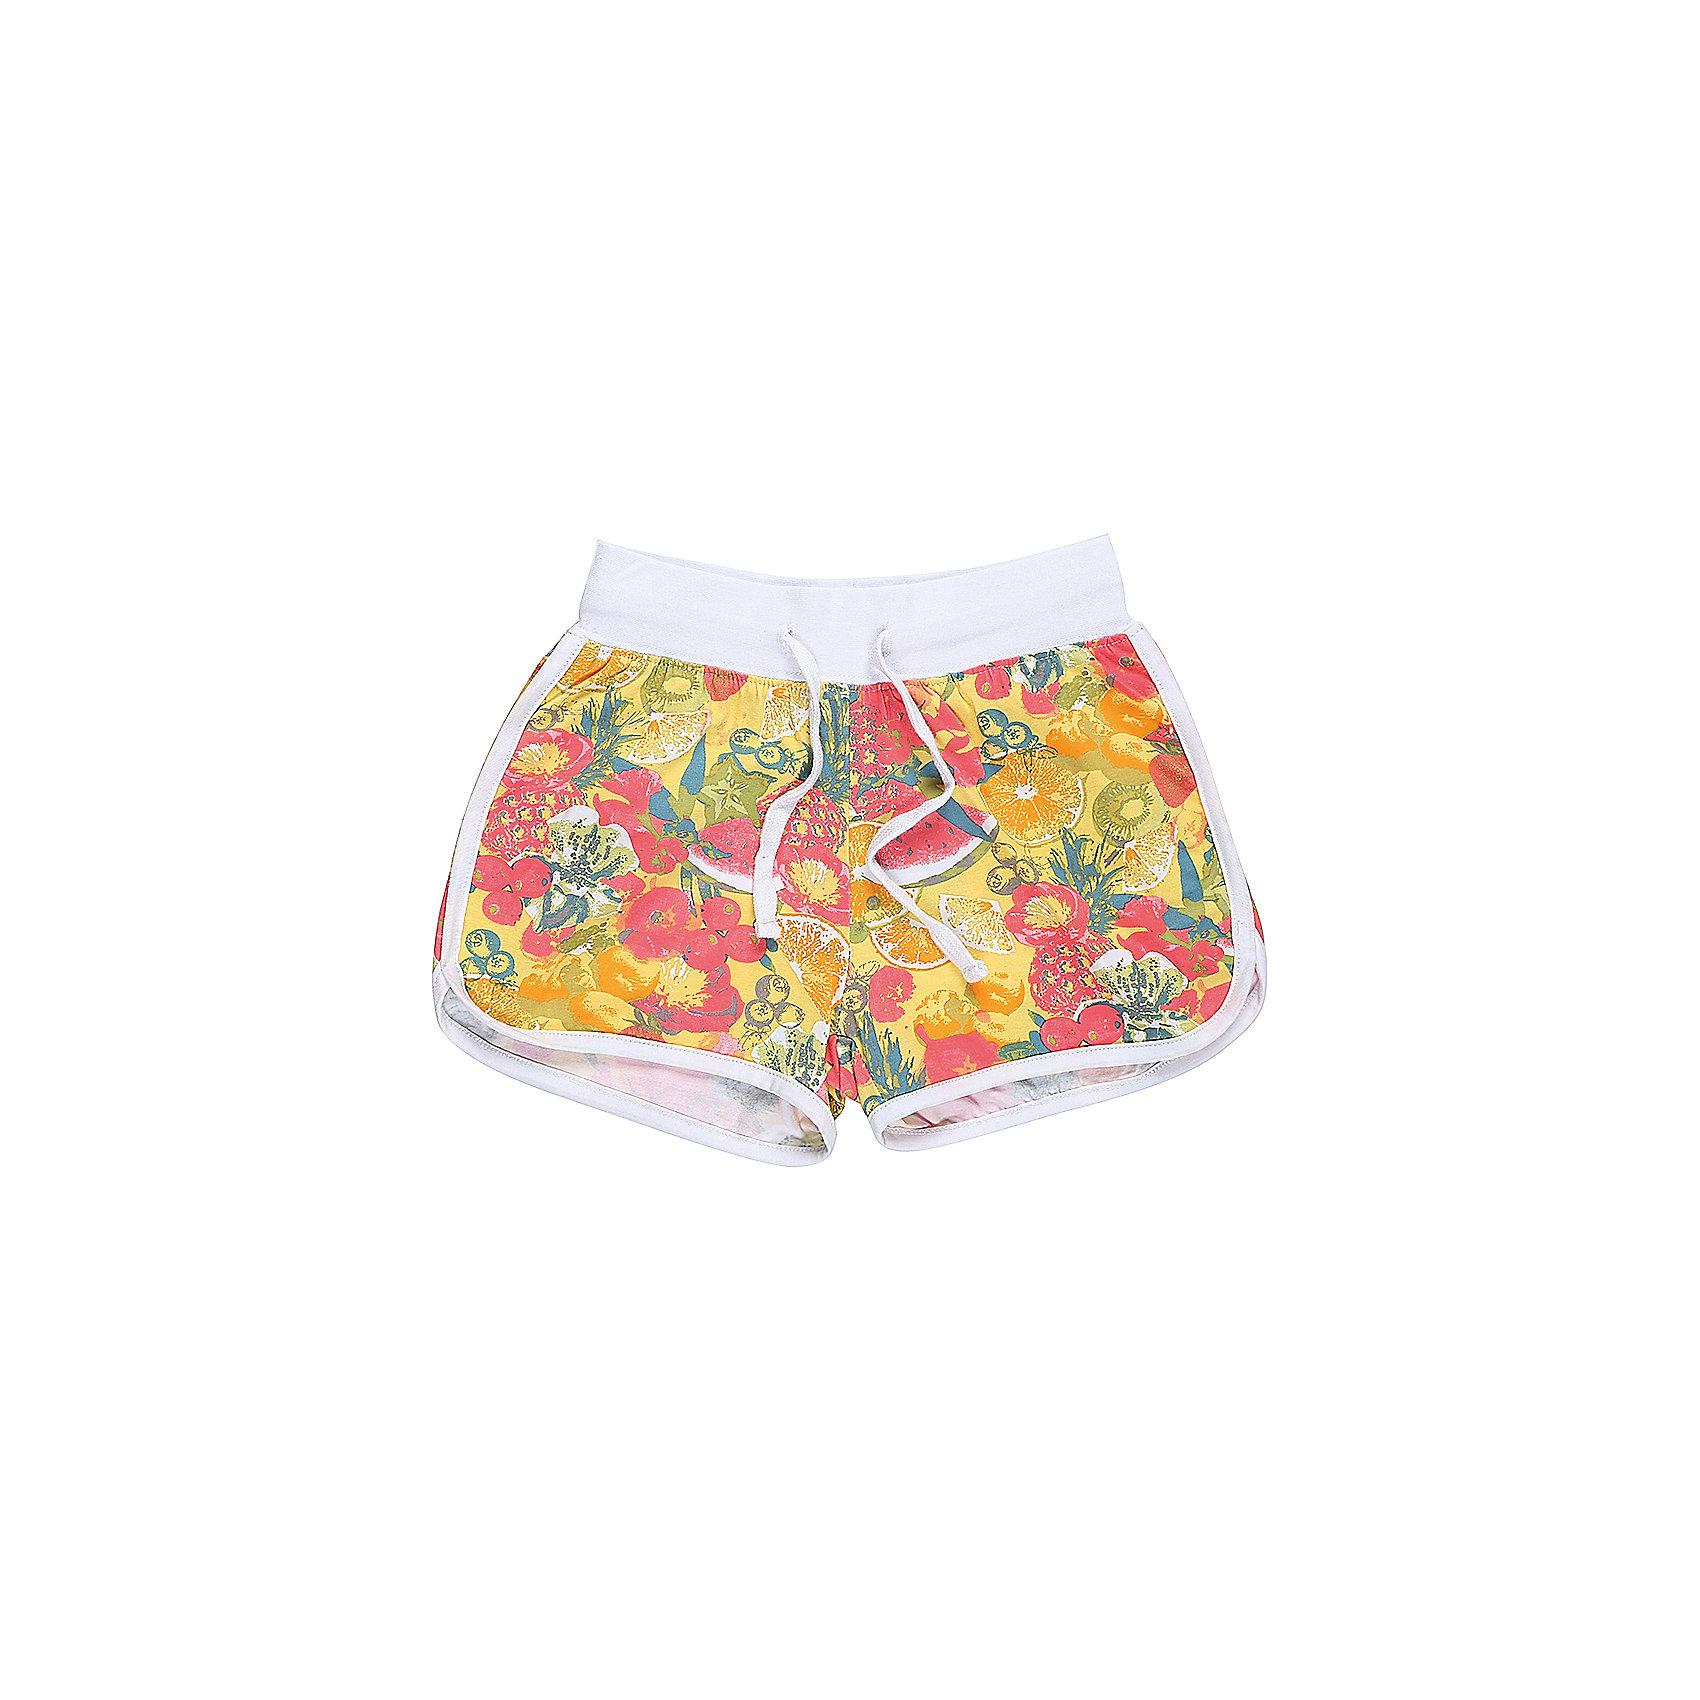 Шорты для девочки LuminosoШорты, бриджи, капри<br>Мякие, трикотажные шорты для девочки из принтованной ткани.  Пояс-резинка дополнен шнуром для регулирования объема.<br>Состав:<br>95%хлопок 5%эластан<br><br>Ширина мм: 191<br>Глубина мм: 10<br>Высота мм: 175<br>Вес г: 273<br>Цвет: белый<br>Возраст от месяцев: 132<br>Возраст до месяцев: 144<br>Пол: Женский<br>Возраст: Детский<br>Размер: 152,134,140,146,158,164<br>SKU: 5413249